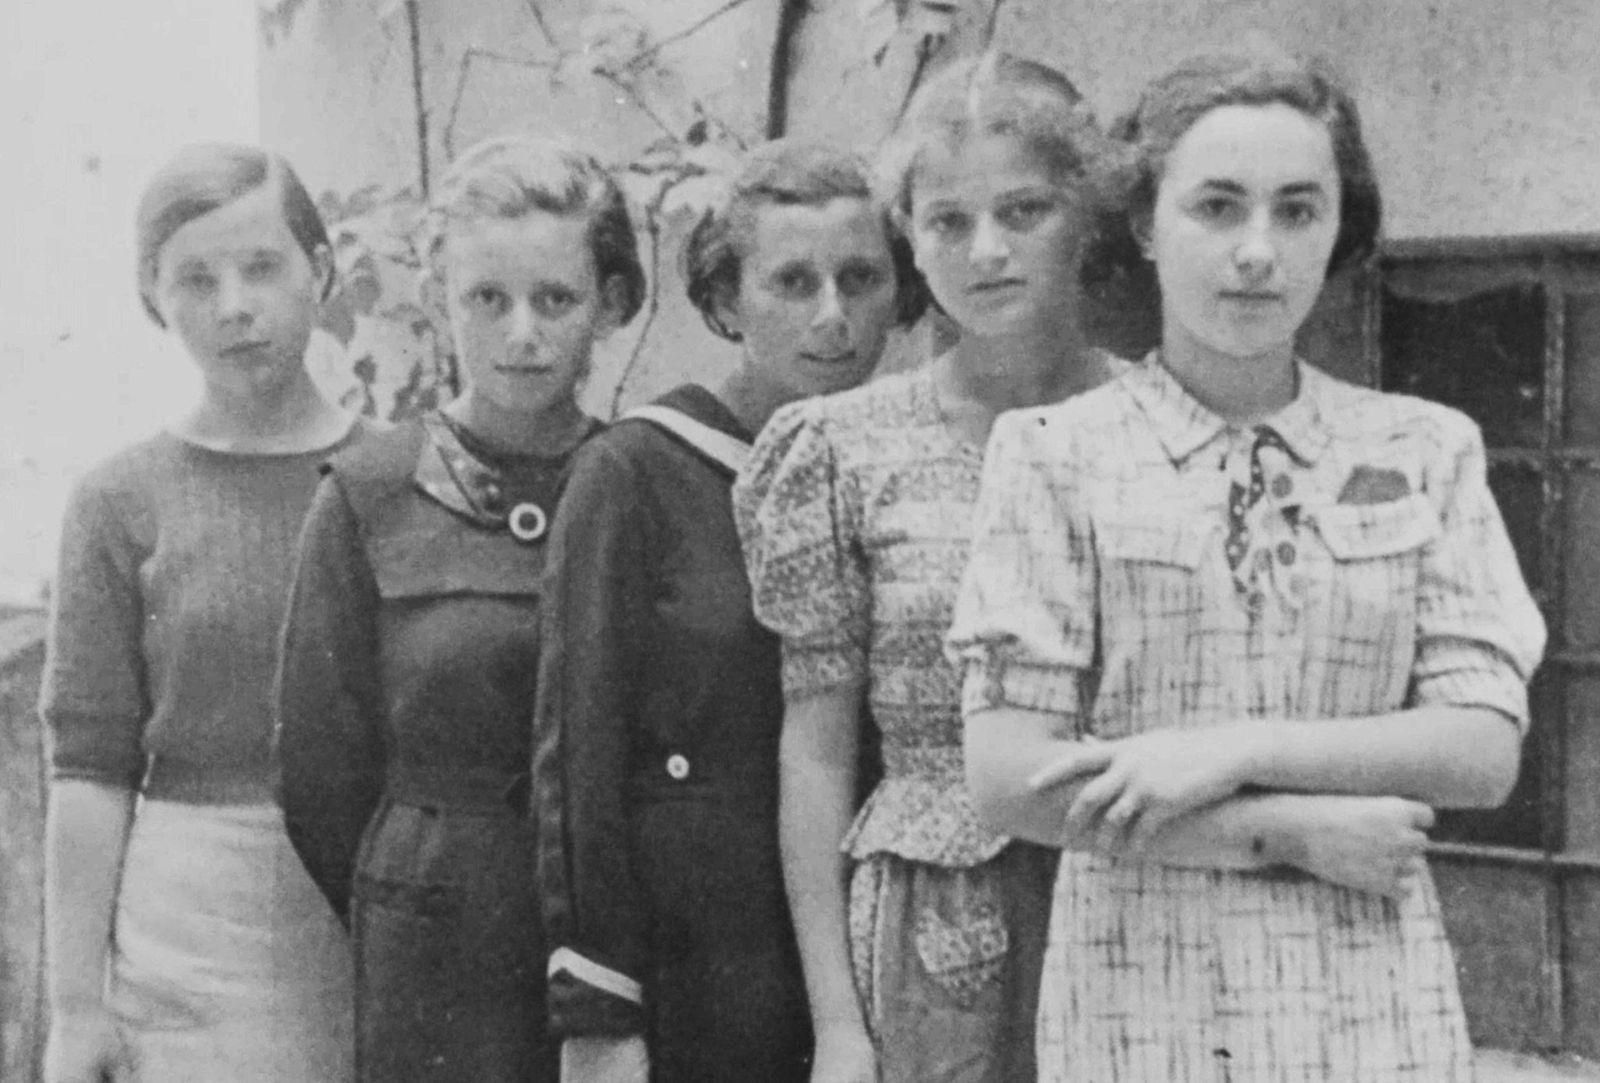 Primeiro transporte oficial de judeus para Auschwitz levou 999 jovens mulheres